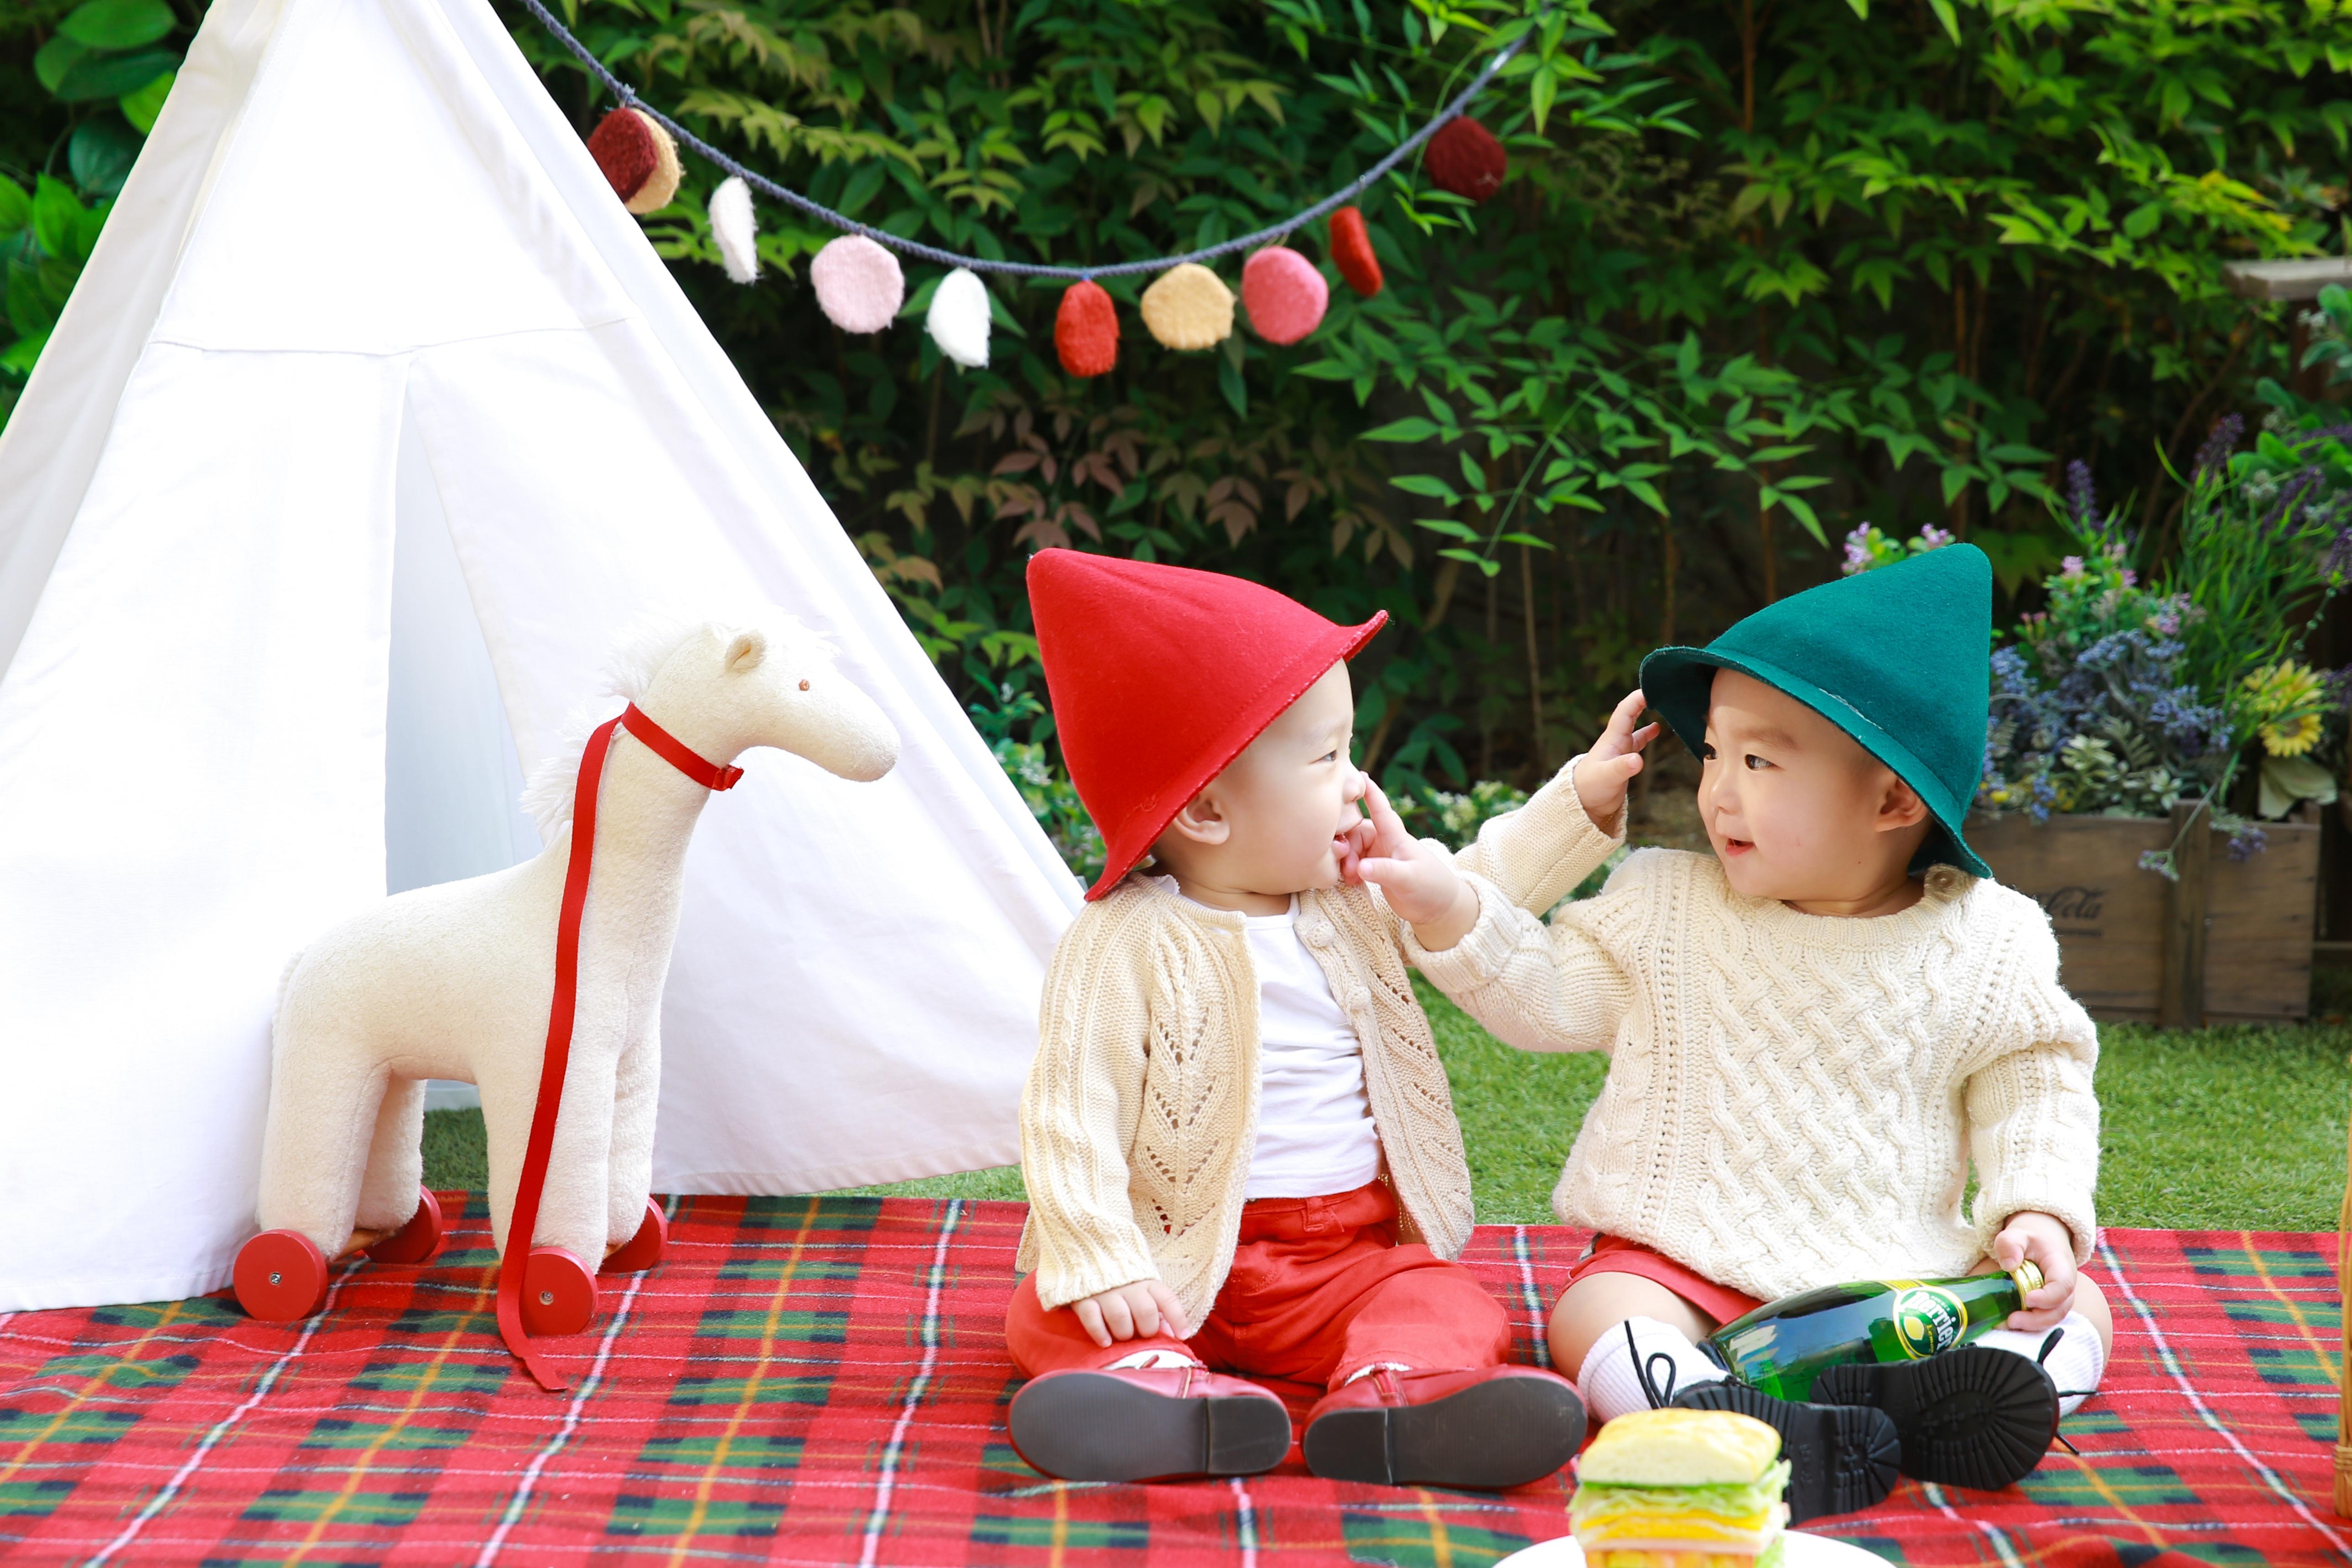 Bilder von Junge Kinder 2 Mütze Sweatshirt Asiatische Sitzend 5157x3438 Zwei